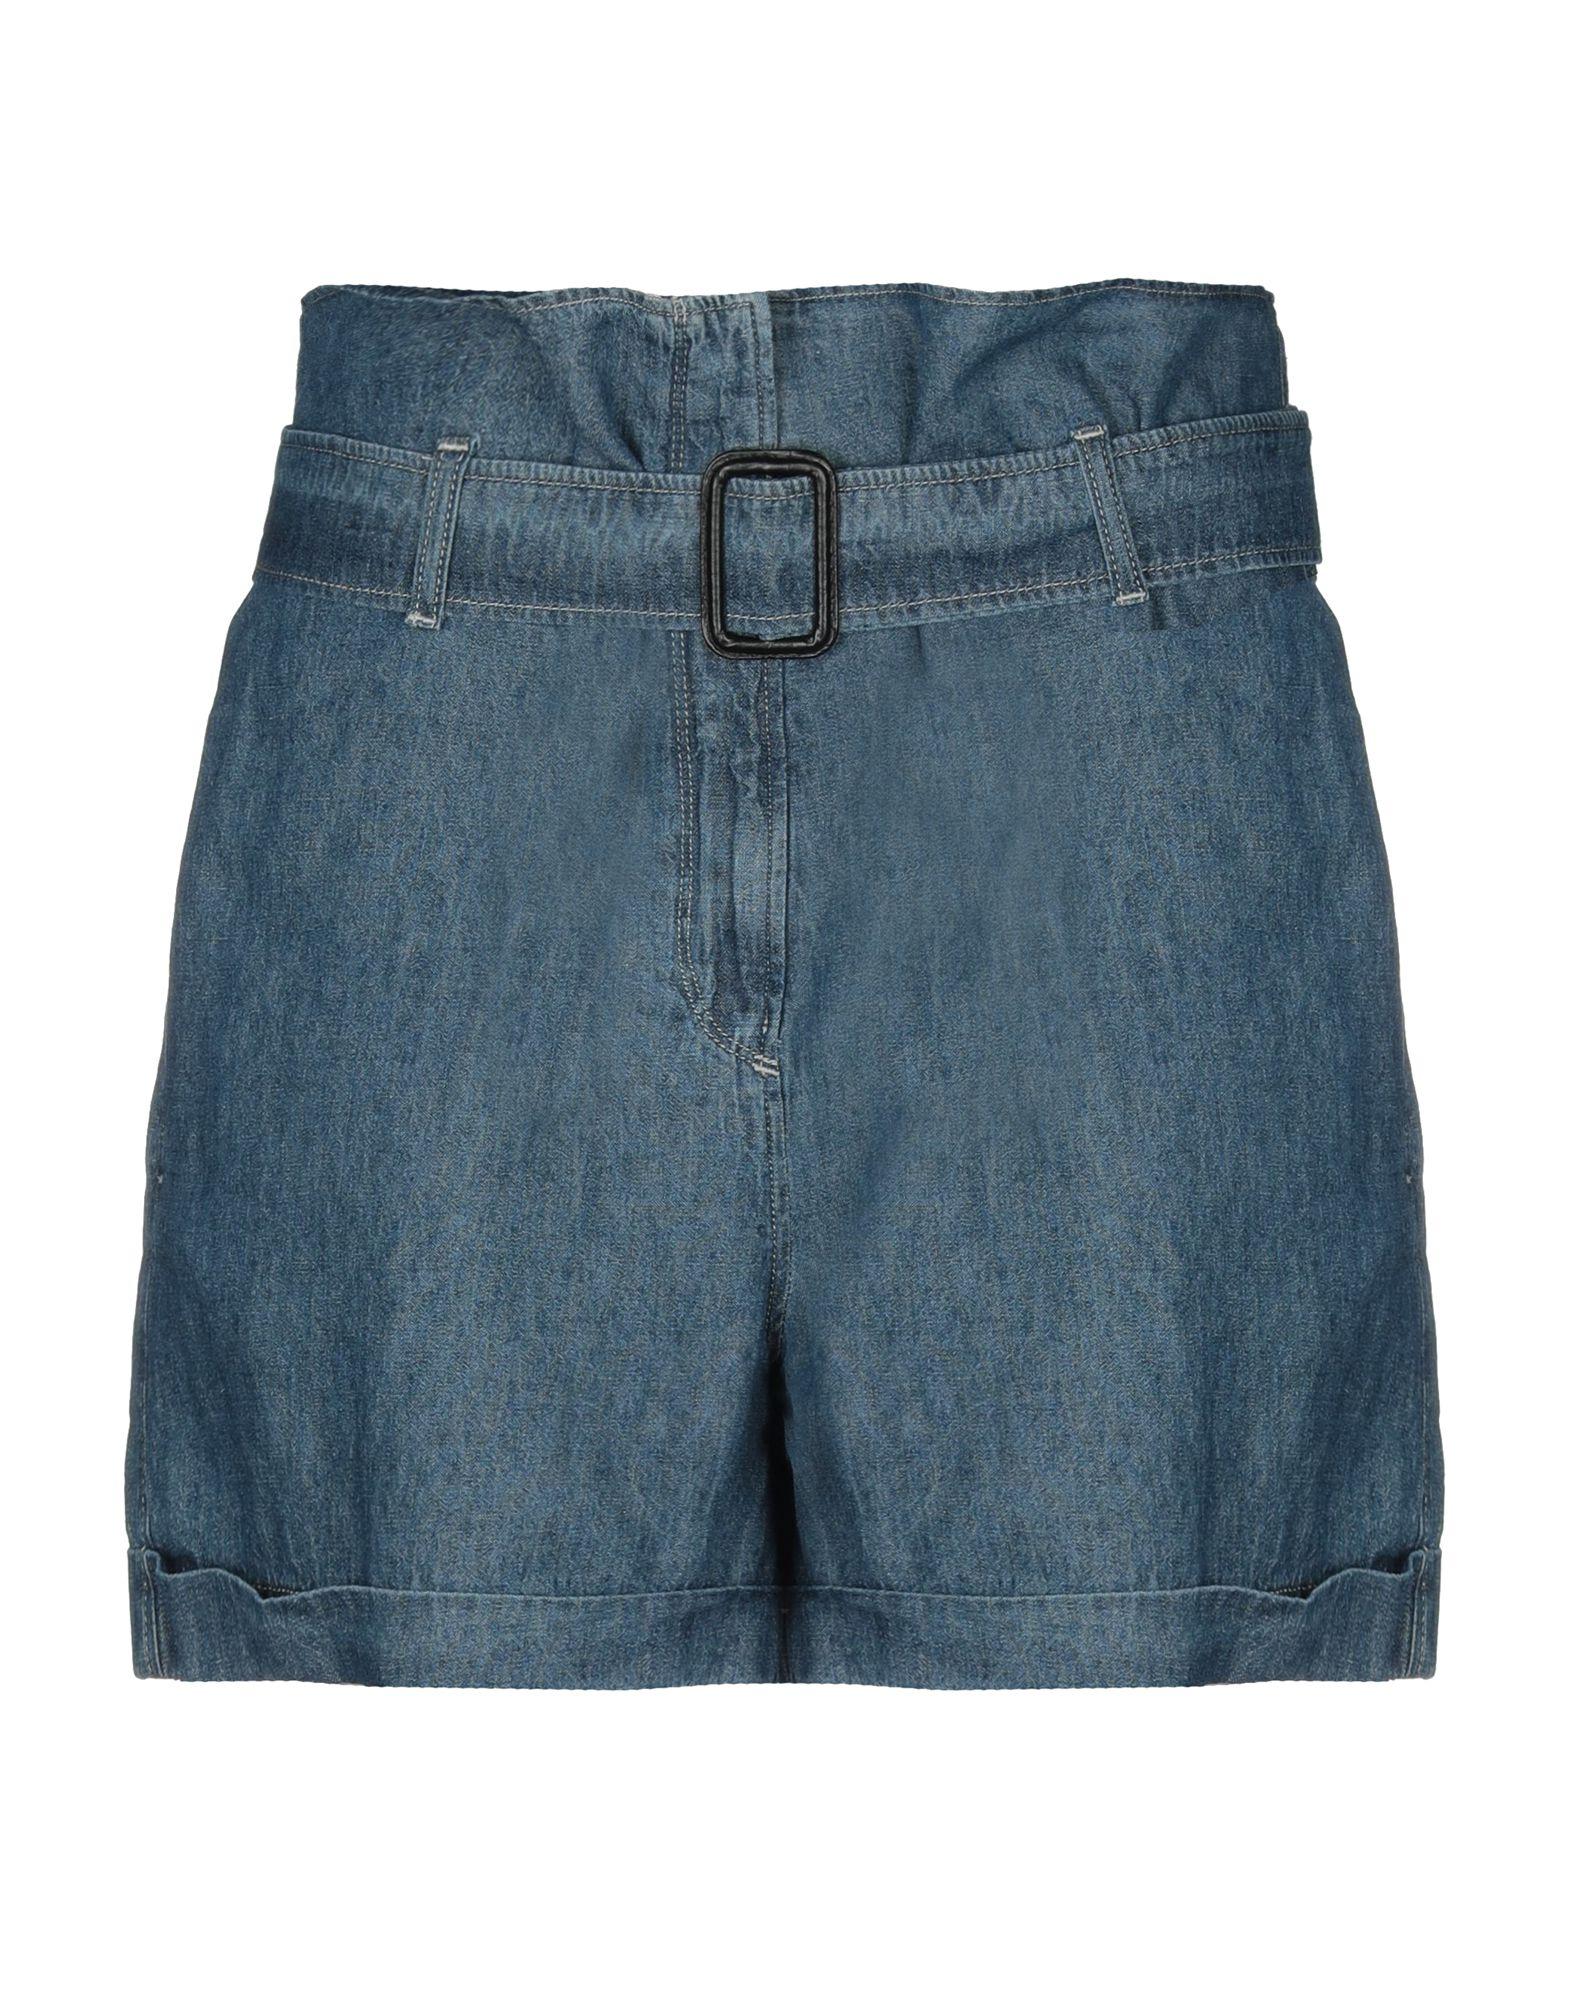 Фото - TELA Джинсовые шорты please джинсовые шорты